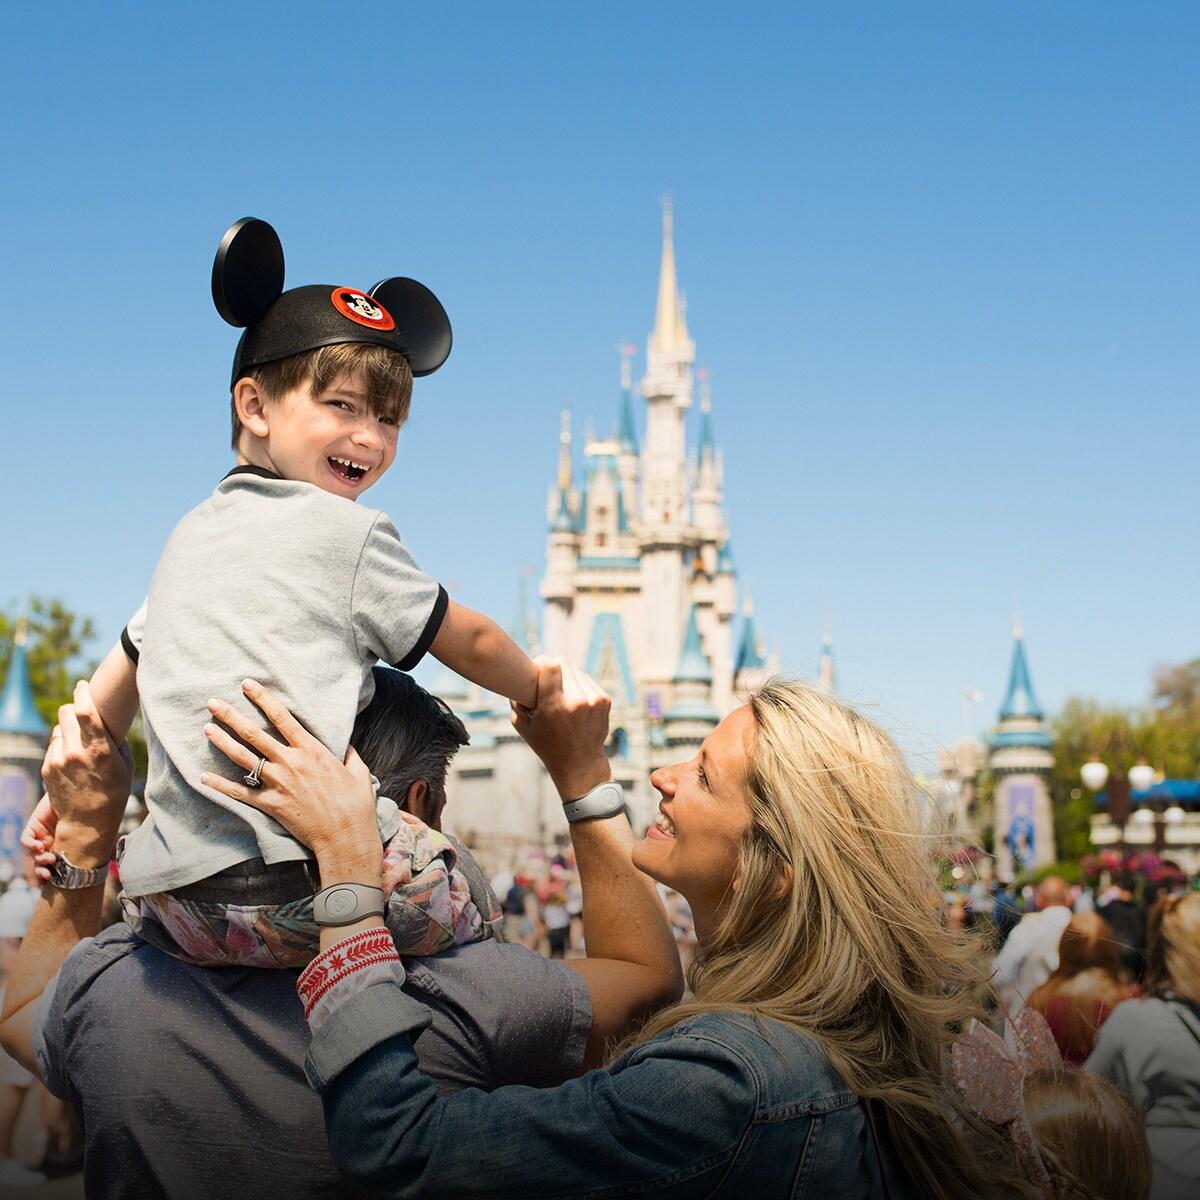 Dziecko z uszami Mikiego przed zamkiem Kopciuszka w Walt Disney World.